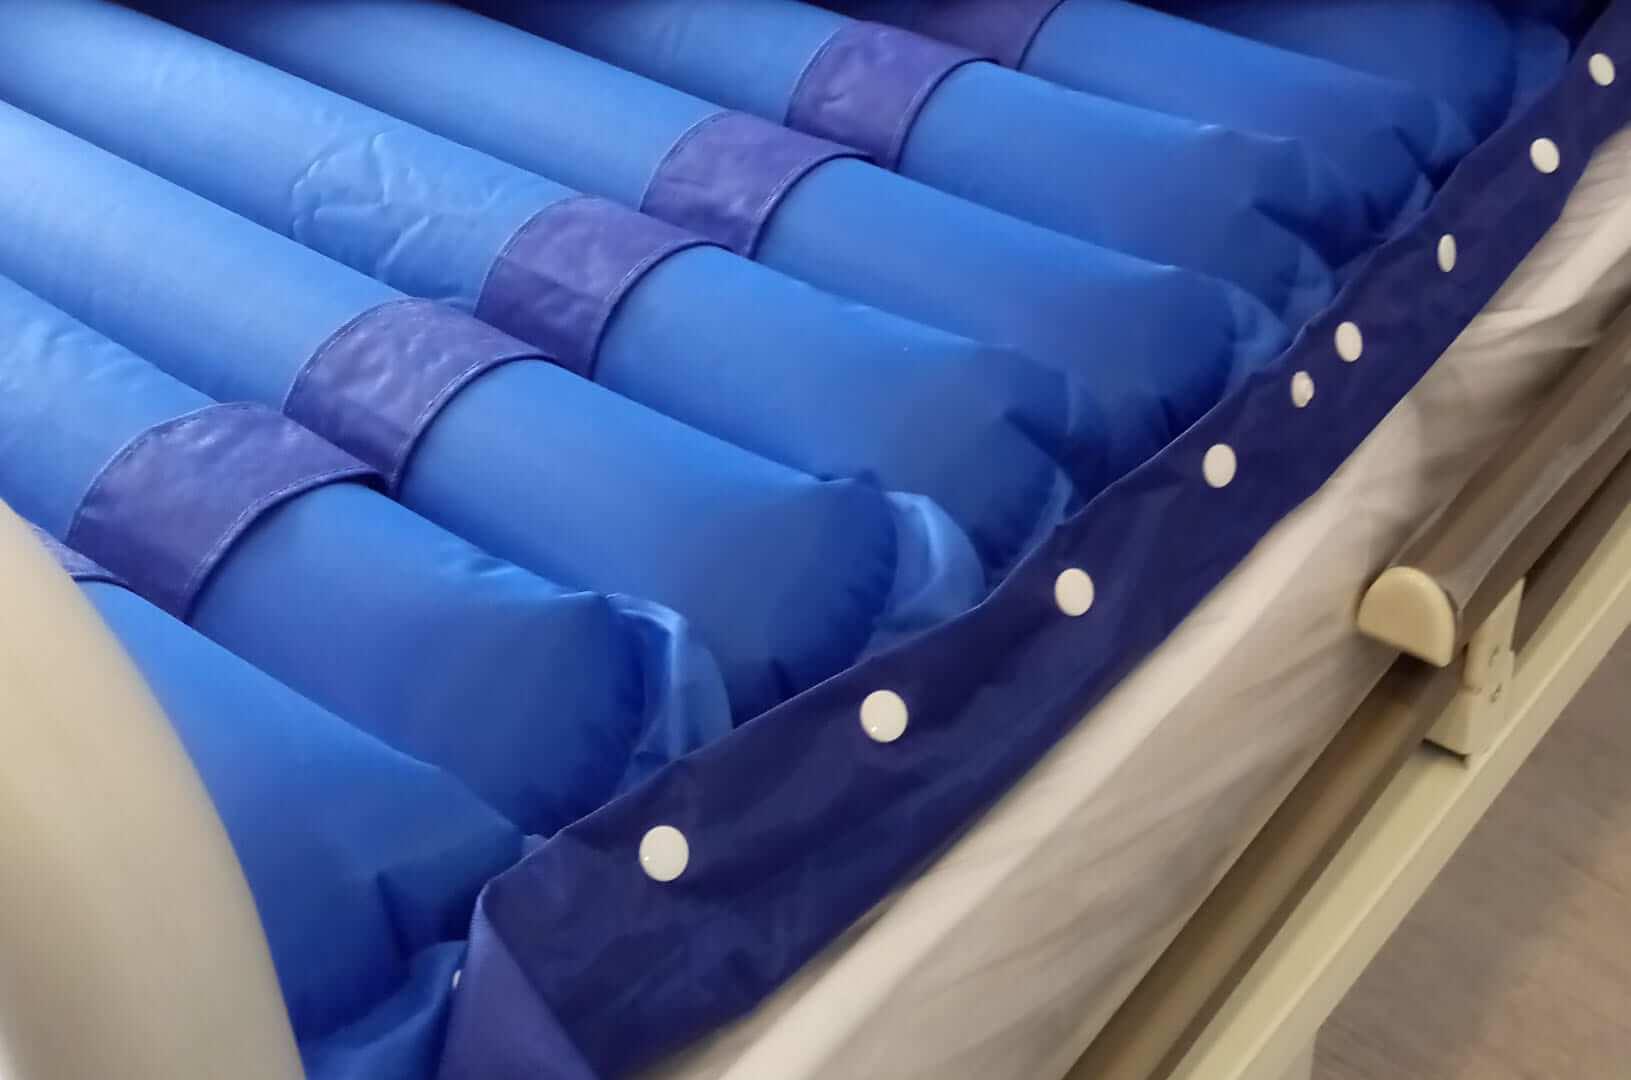 HM-600 8 cm boru tipi havalı yatak